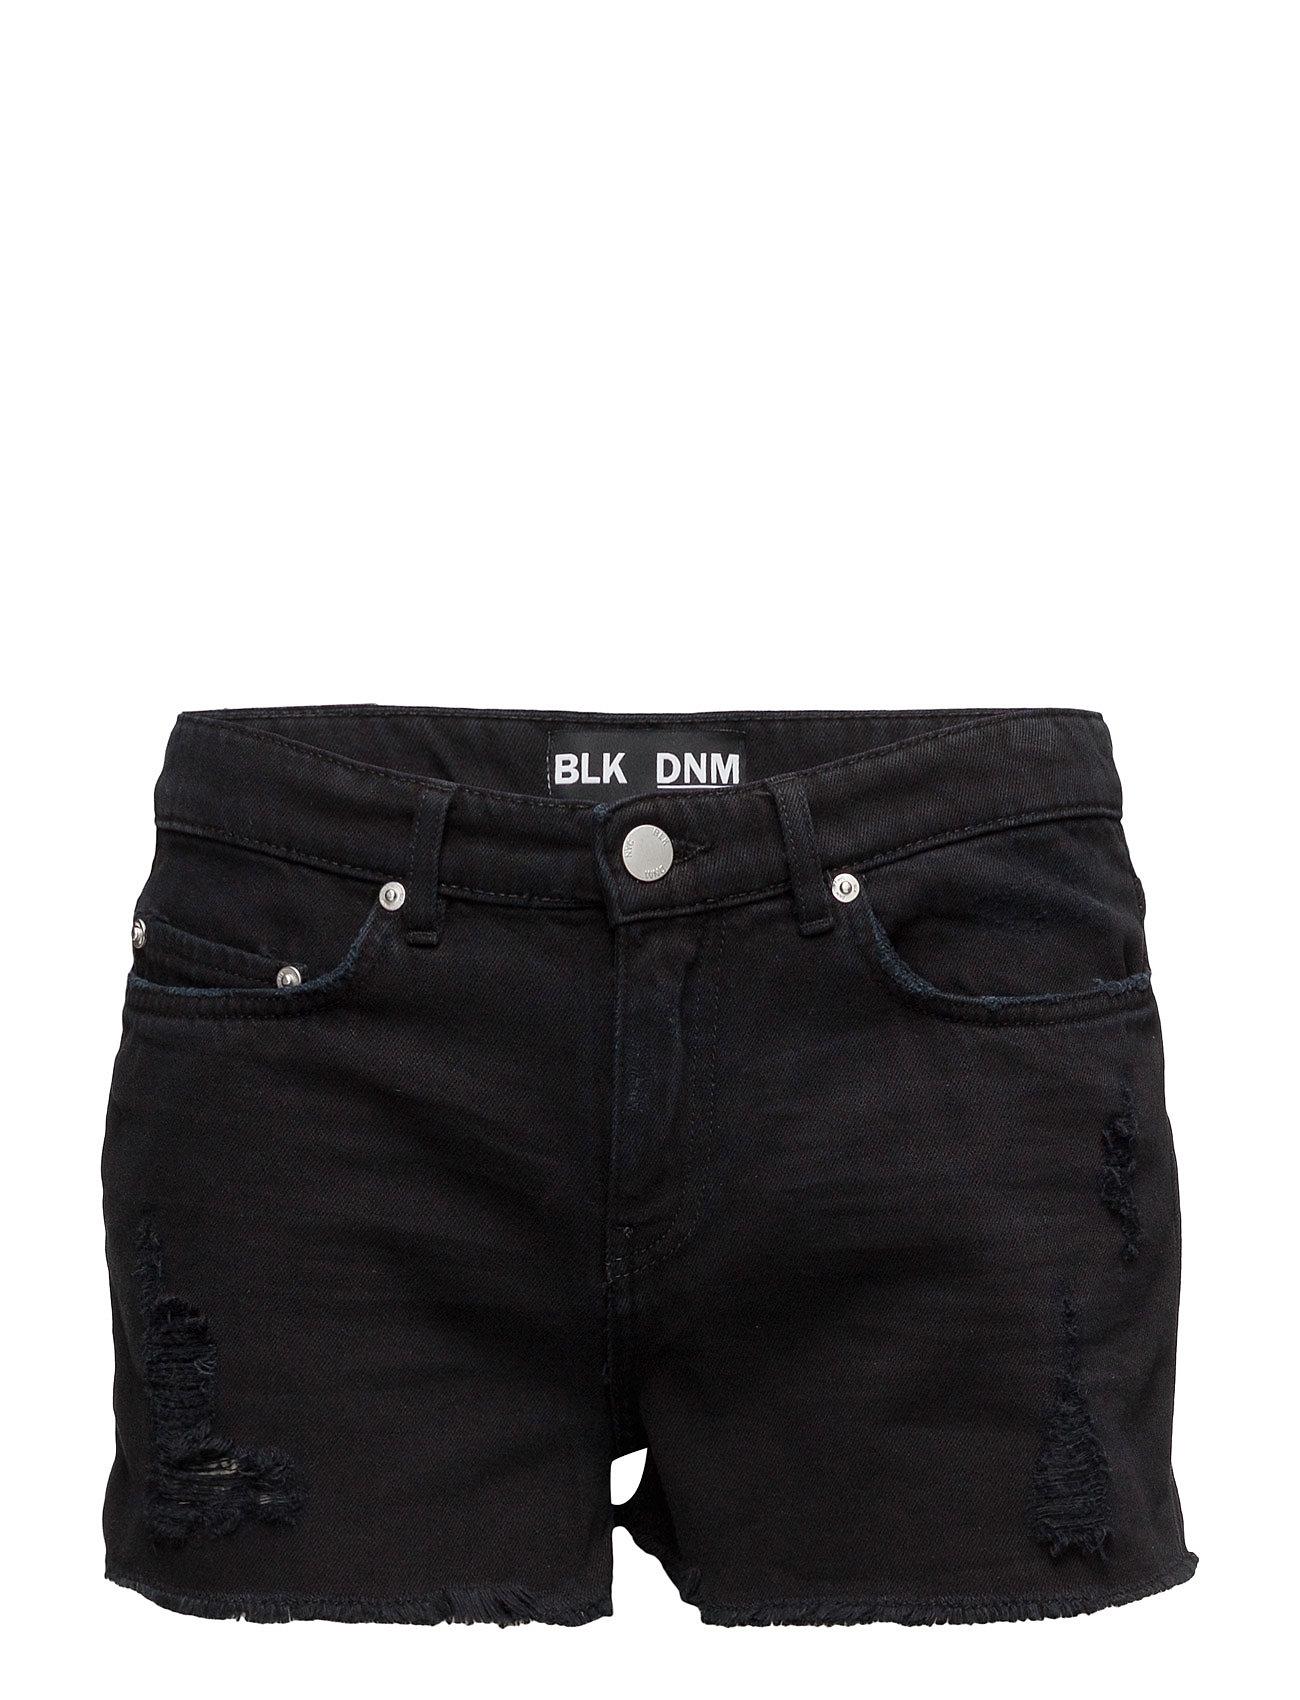 Jeans Short 16 BLK DNM Denim til Damer i